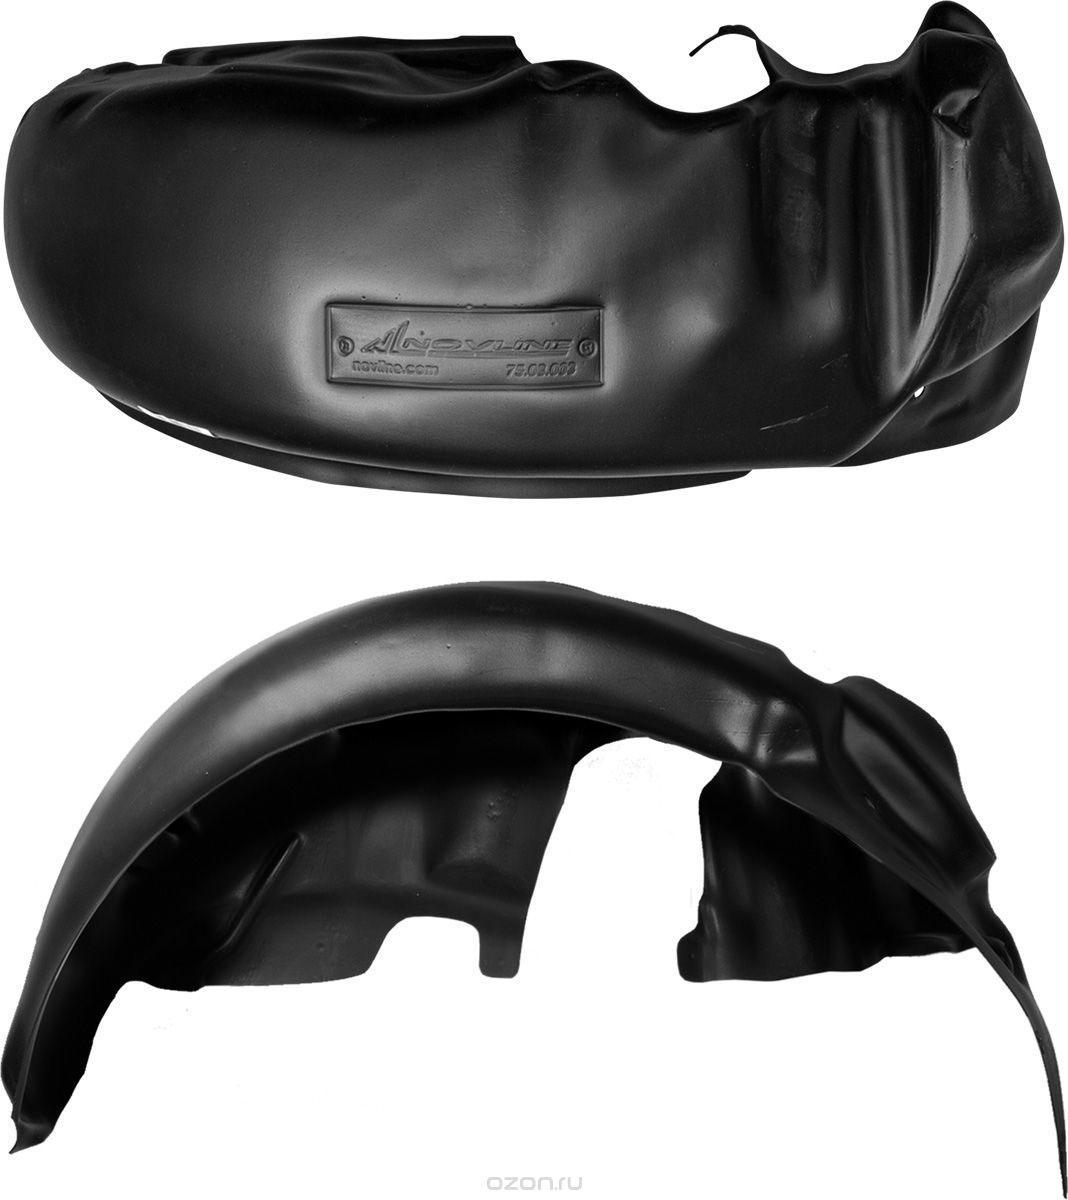 Подкрылок Novline-Autofamily, для TAGAZ VORTEX Tingo, 2011-2014, задний левыйNLL.77.06.003Идеальная защита колесной ниши. Локеры разработаны с применением цифровых технологий, гарантируют максимальную повторяемость поверхности арки. Изделия устанавливаются без нарушения лакокрасочного покрытия автомобиля, каждый подкрылок комплектуется крепежом. Уважаемые клиенты, обращаем ваше внимание, что фотографии на подкрылки универсальные и не отражают реальную форму изделия. При этом само изделие идет точно под размер указанного автомобиля.